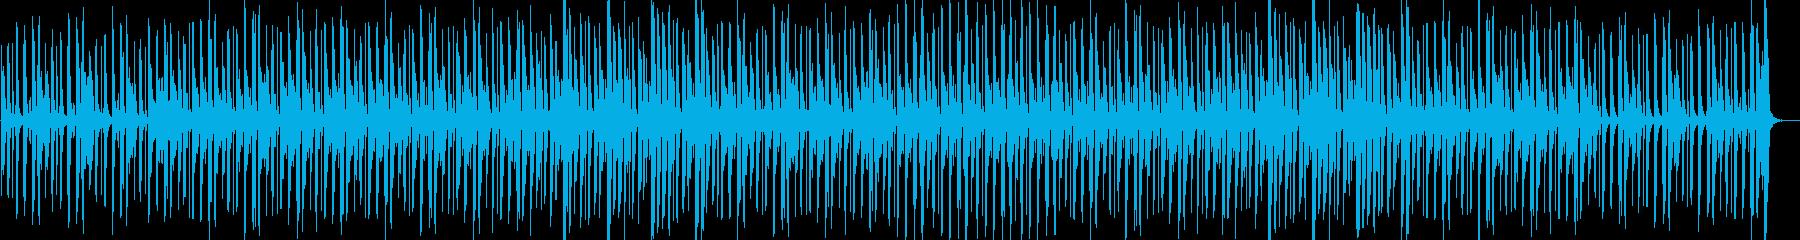 コミカル・不思議・軽快・ゲーム・映像用の再生済みの波形